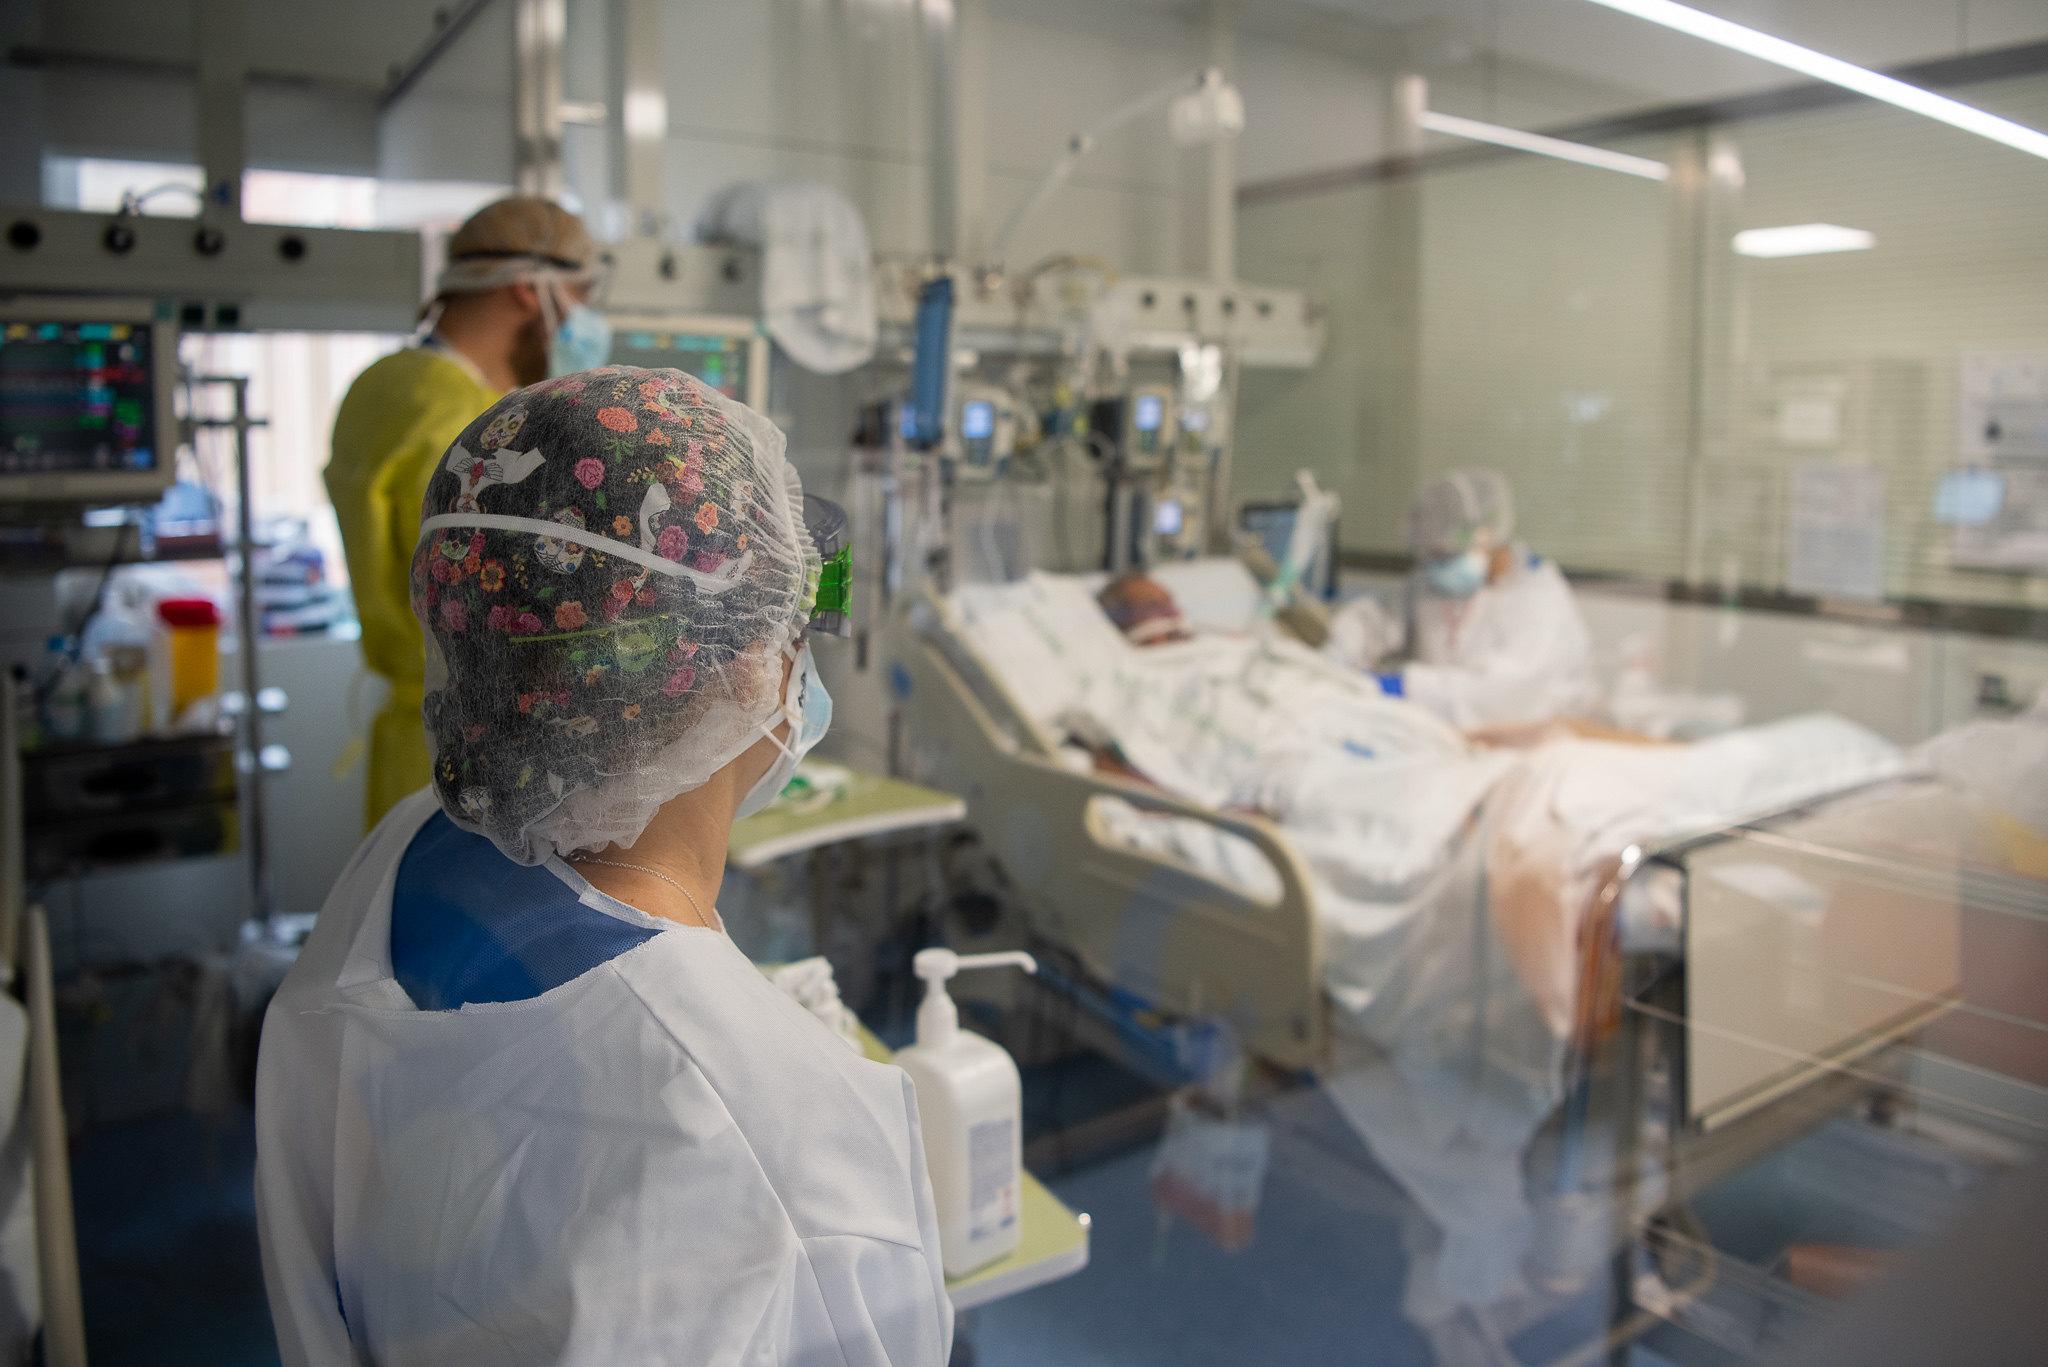 Un pacient del Clínic a la Unitat de Vigilància Intensiva Respiratòria / Franciso Àvia - Hospital Clínic